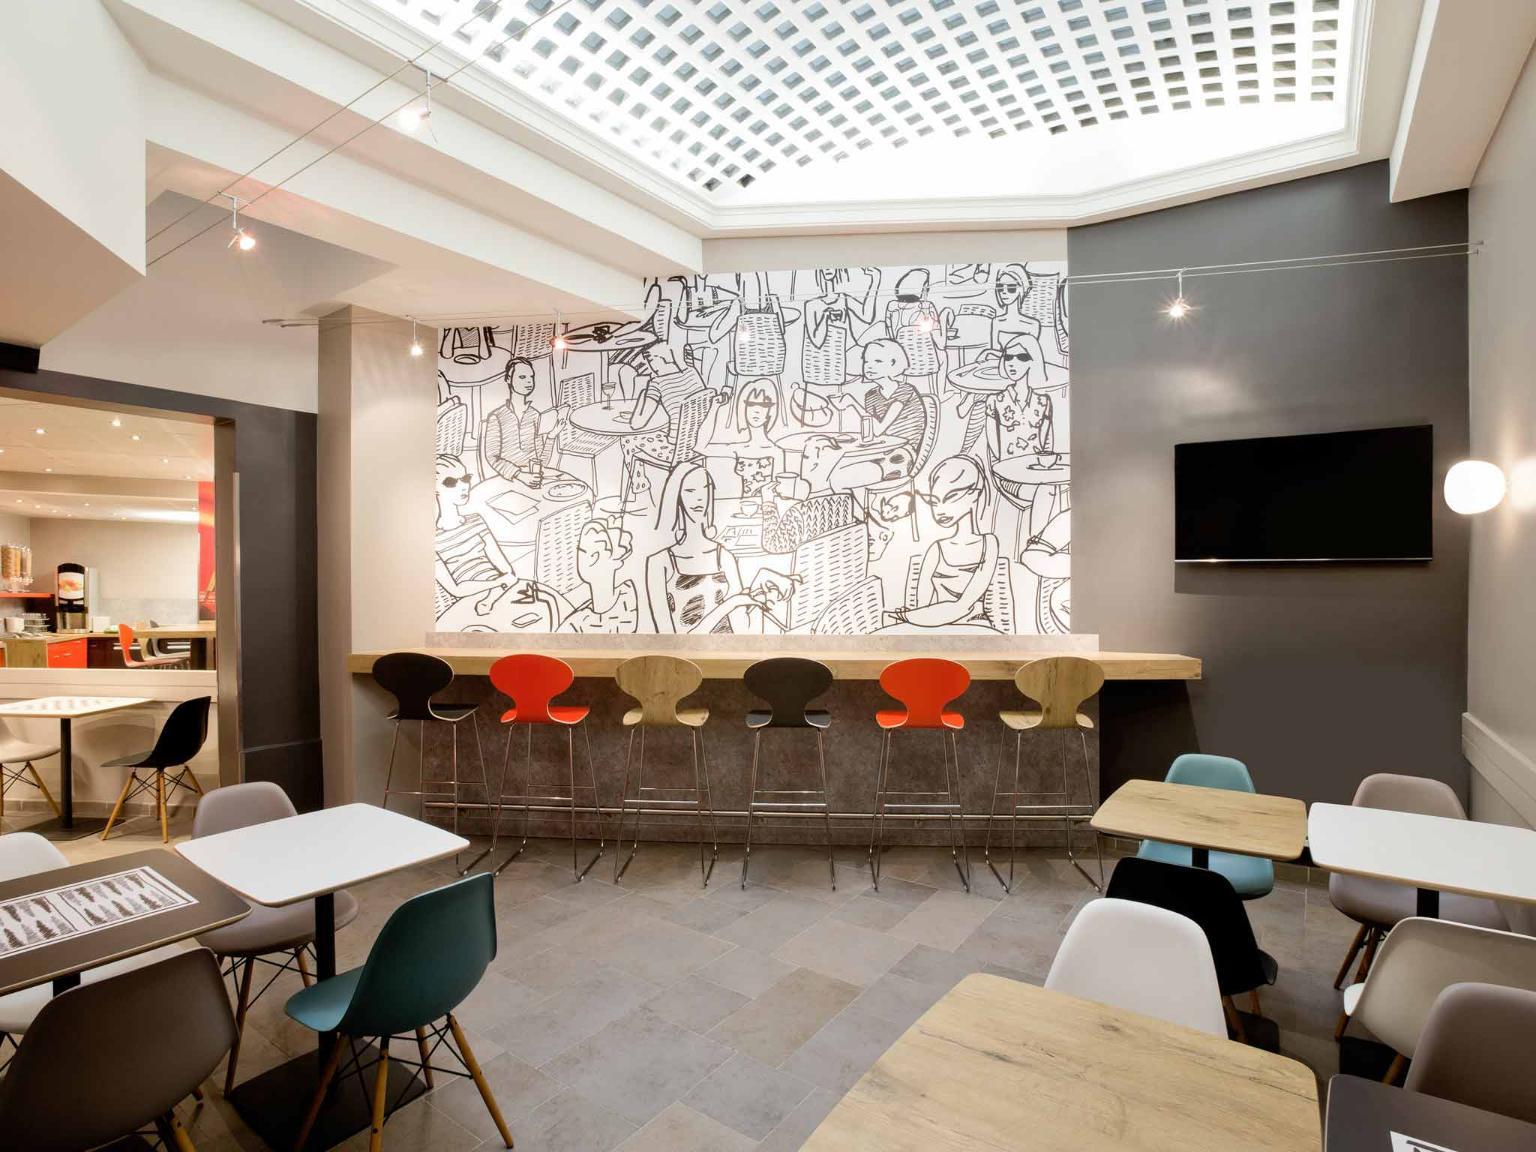 ibis paris gare du nord tgv h tel 31 33 rue de saint quentin 75010 paris adresse horaire. Black Bedroom Furniture Sets. Home Design Ideas